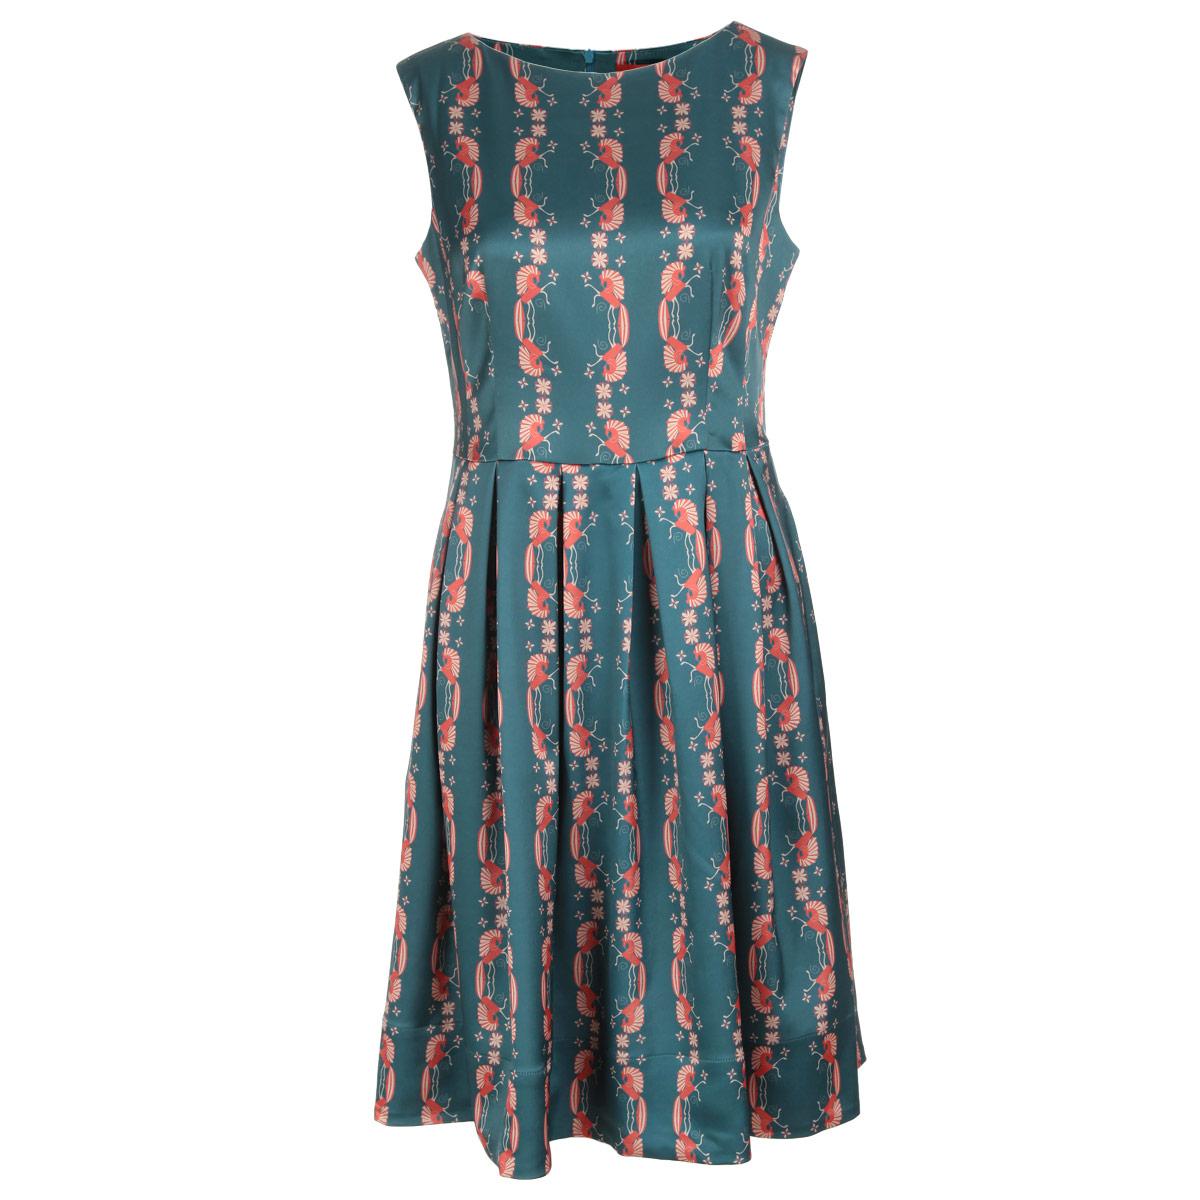 ПлатьеP01A4-8Элегантное платье Анна Чапман подарит вам удобство и поможет вам подчеркнуть свой вкус и неповторимый стиль. Изготовленное из плотной шелковистой ткани, оно мягкое на ощупь, не раздражает кожу и хорошо вентилируется. Модель с круглым вырезом горловины без рукавов на спинке застегивается на потайную застежку-молнию. По бокам изделие дополнено двумя втачными карманами. Эта модель подчеркивает талию и идеально сидит на груди благодаря выверенным вытачкам. Складки на отрезной юбке дарят образу романтичность. Оформлена модель принтом Кони. Этот орнамент символизирует счастье и движение к солнцу. В таком наряде вы, безусловно, привлечете восхищенные взгляды окружающих.